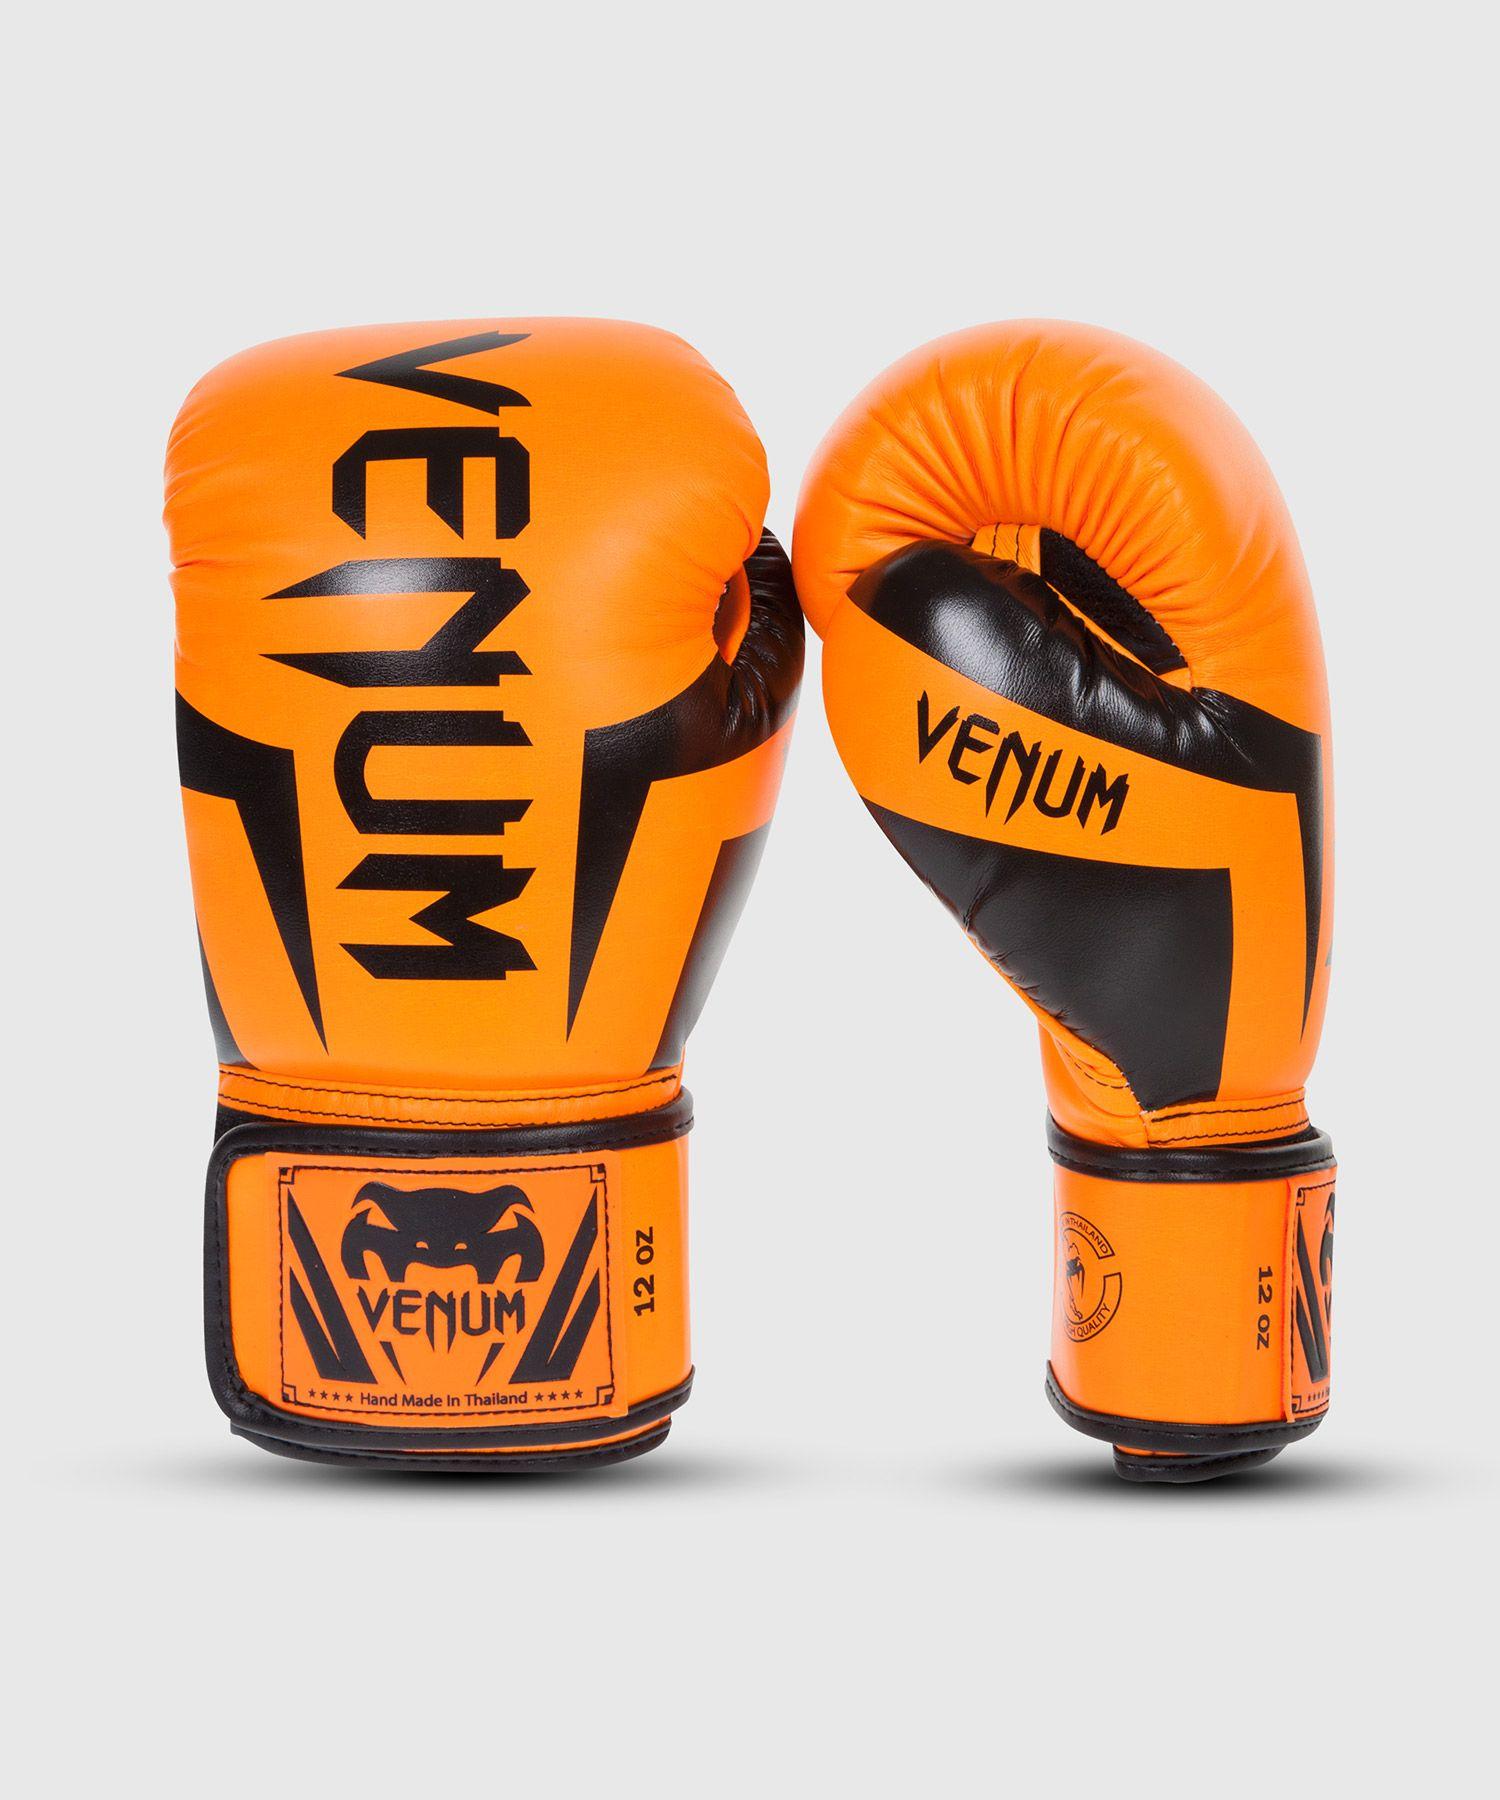 Venum Elite Boxing Gloves - Orange